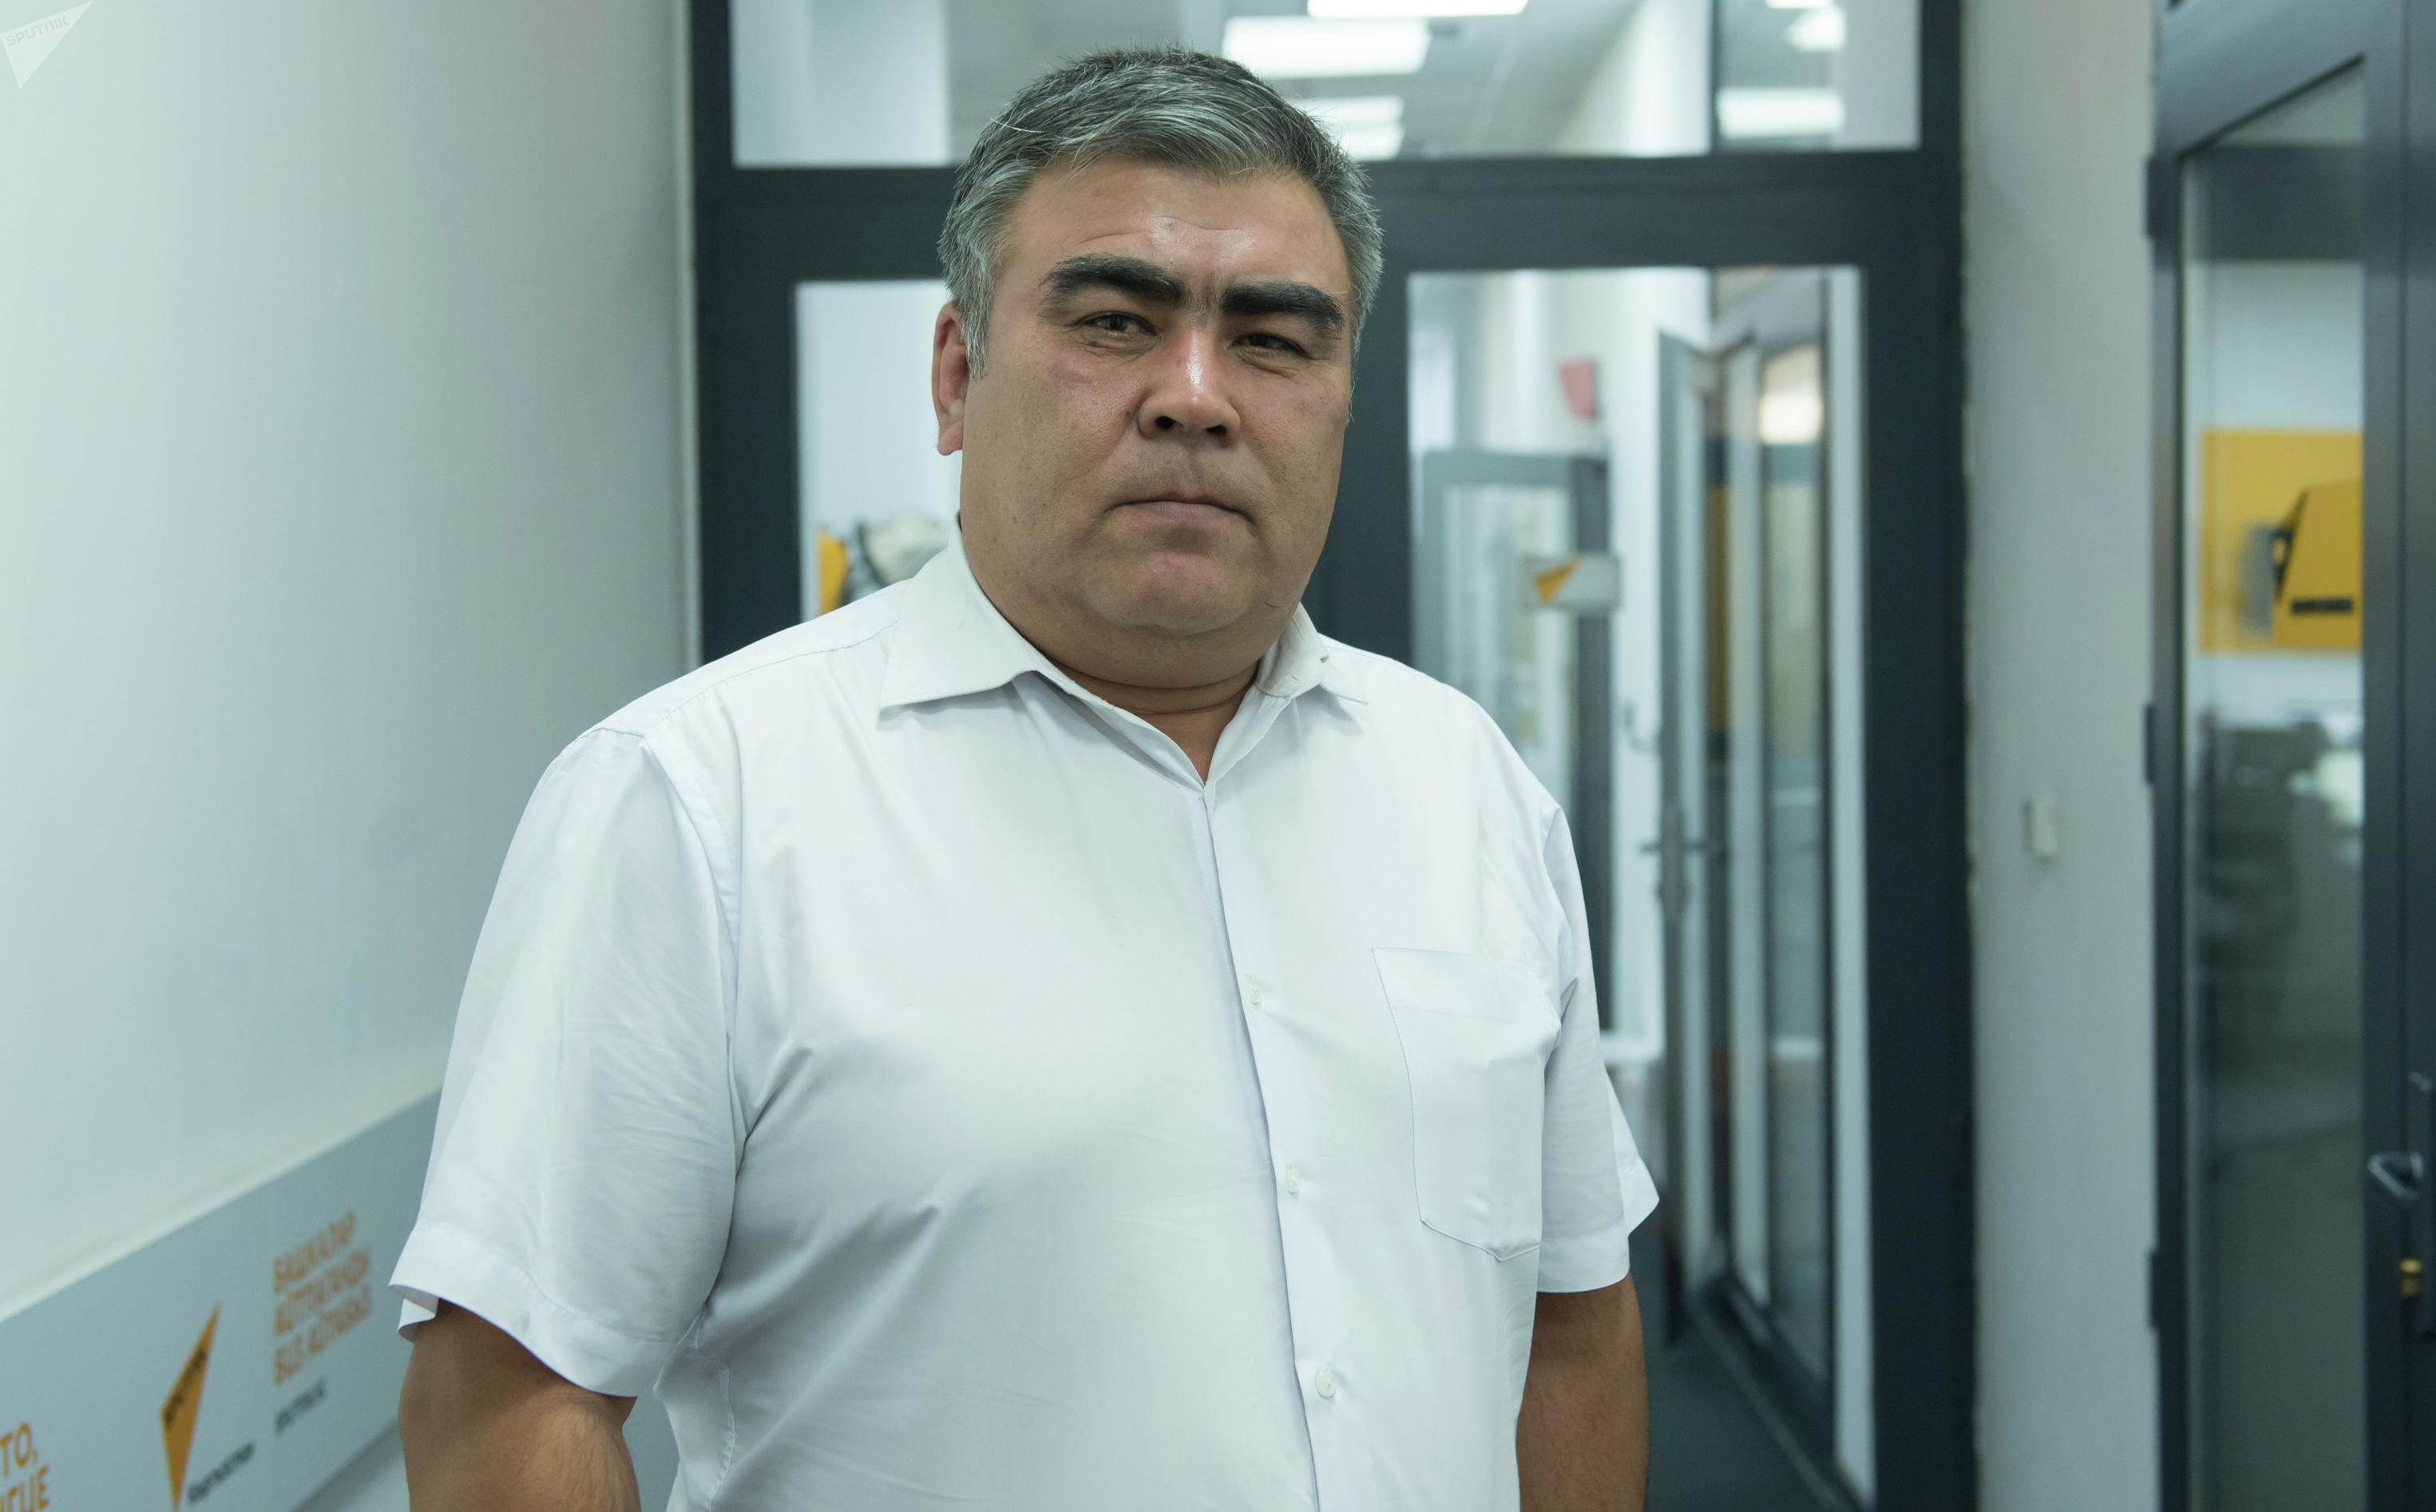 Руководитель Центрального территориального представительства Государственной кадровой службы КР Мыктыбек Омурзаков